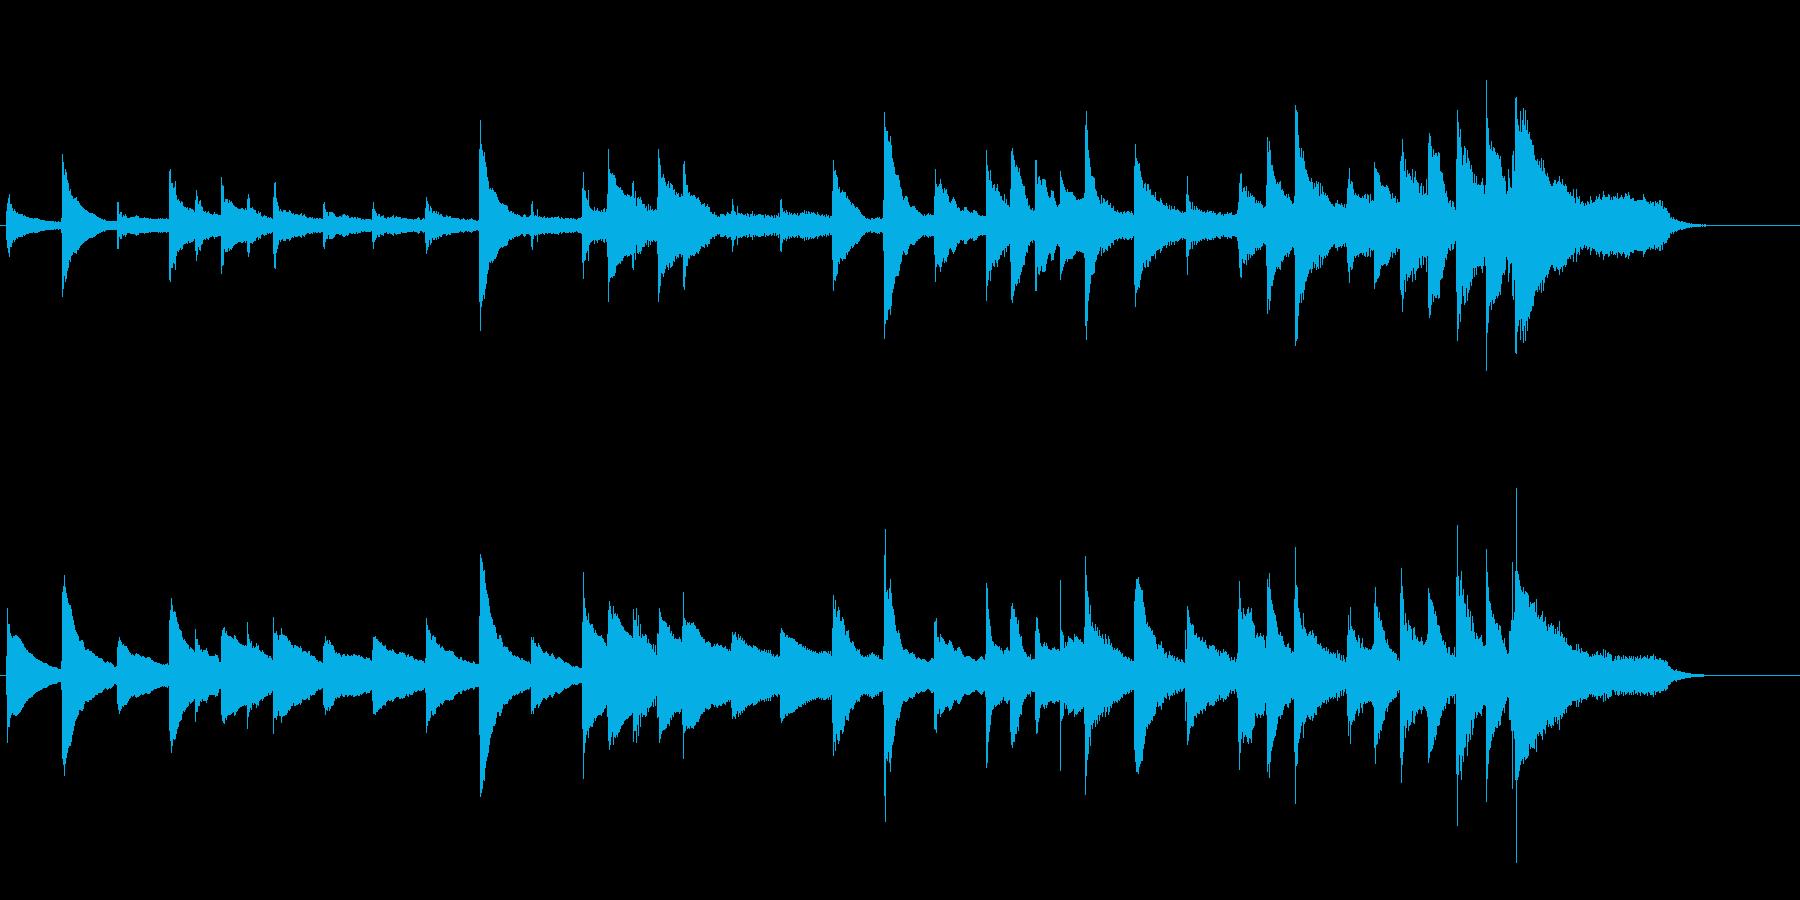 あたたかなピアノソロのバラードの再生済みの波形